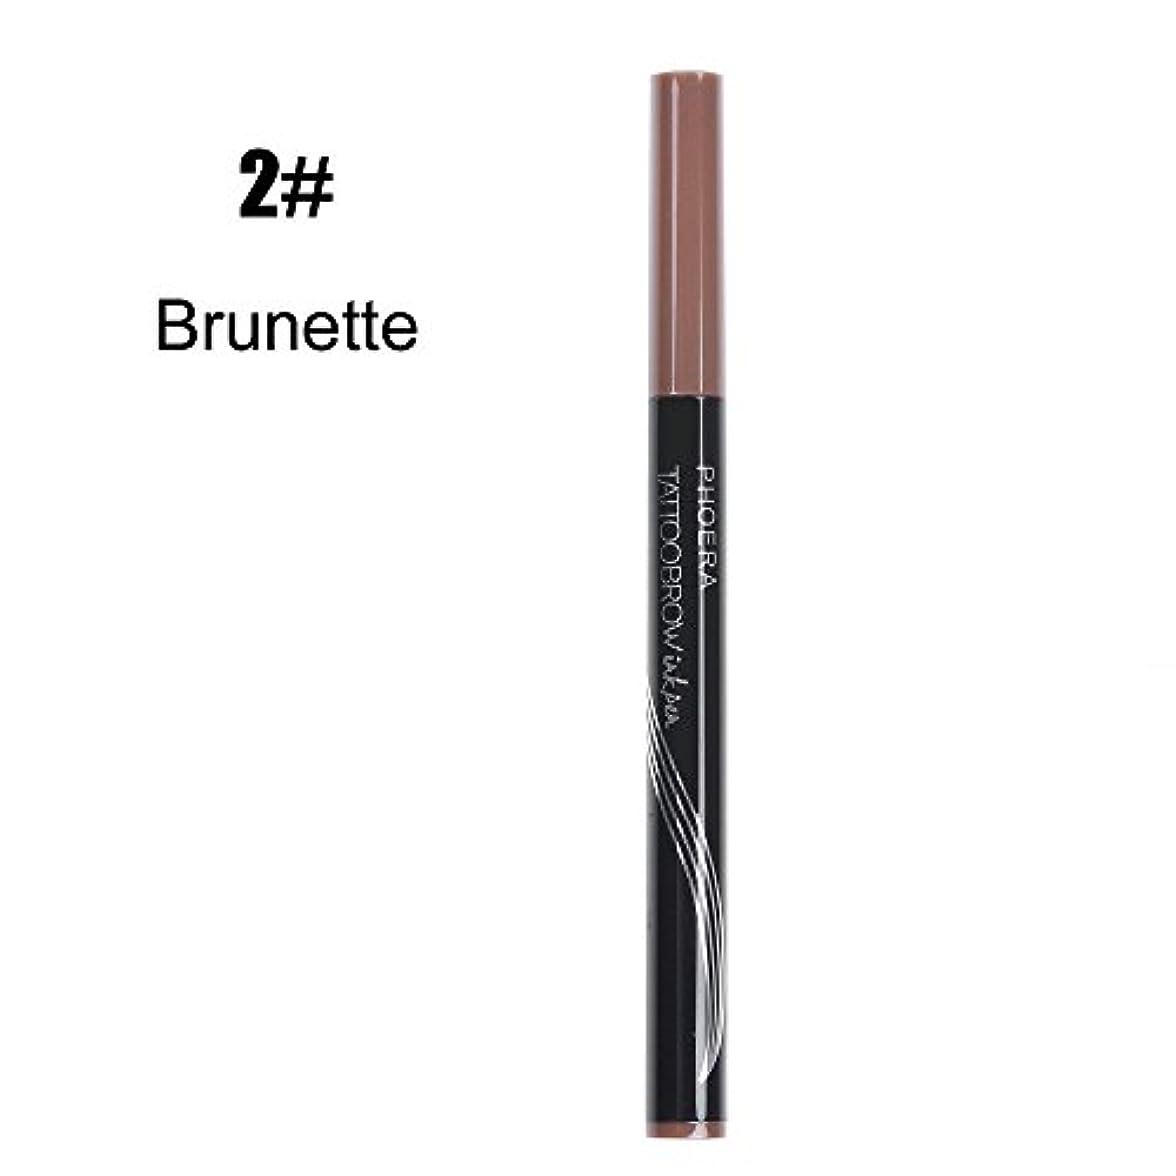 破滅情熱的委員会LZE_ 防水 アイライナー 化粧美容用 アイブロウペンシル かわいい リップライナー 鉛筆 防水、速乾性、立体、長持ちする、